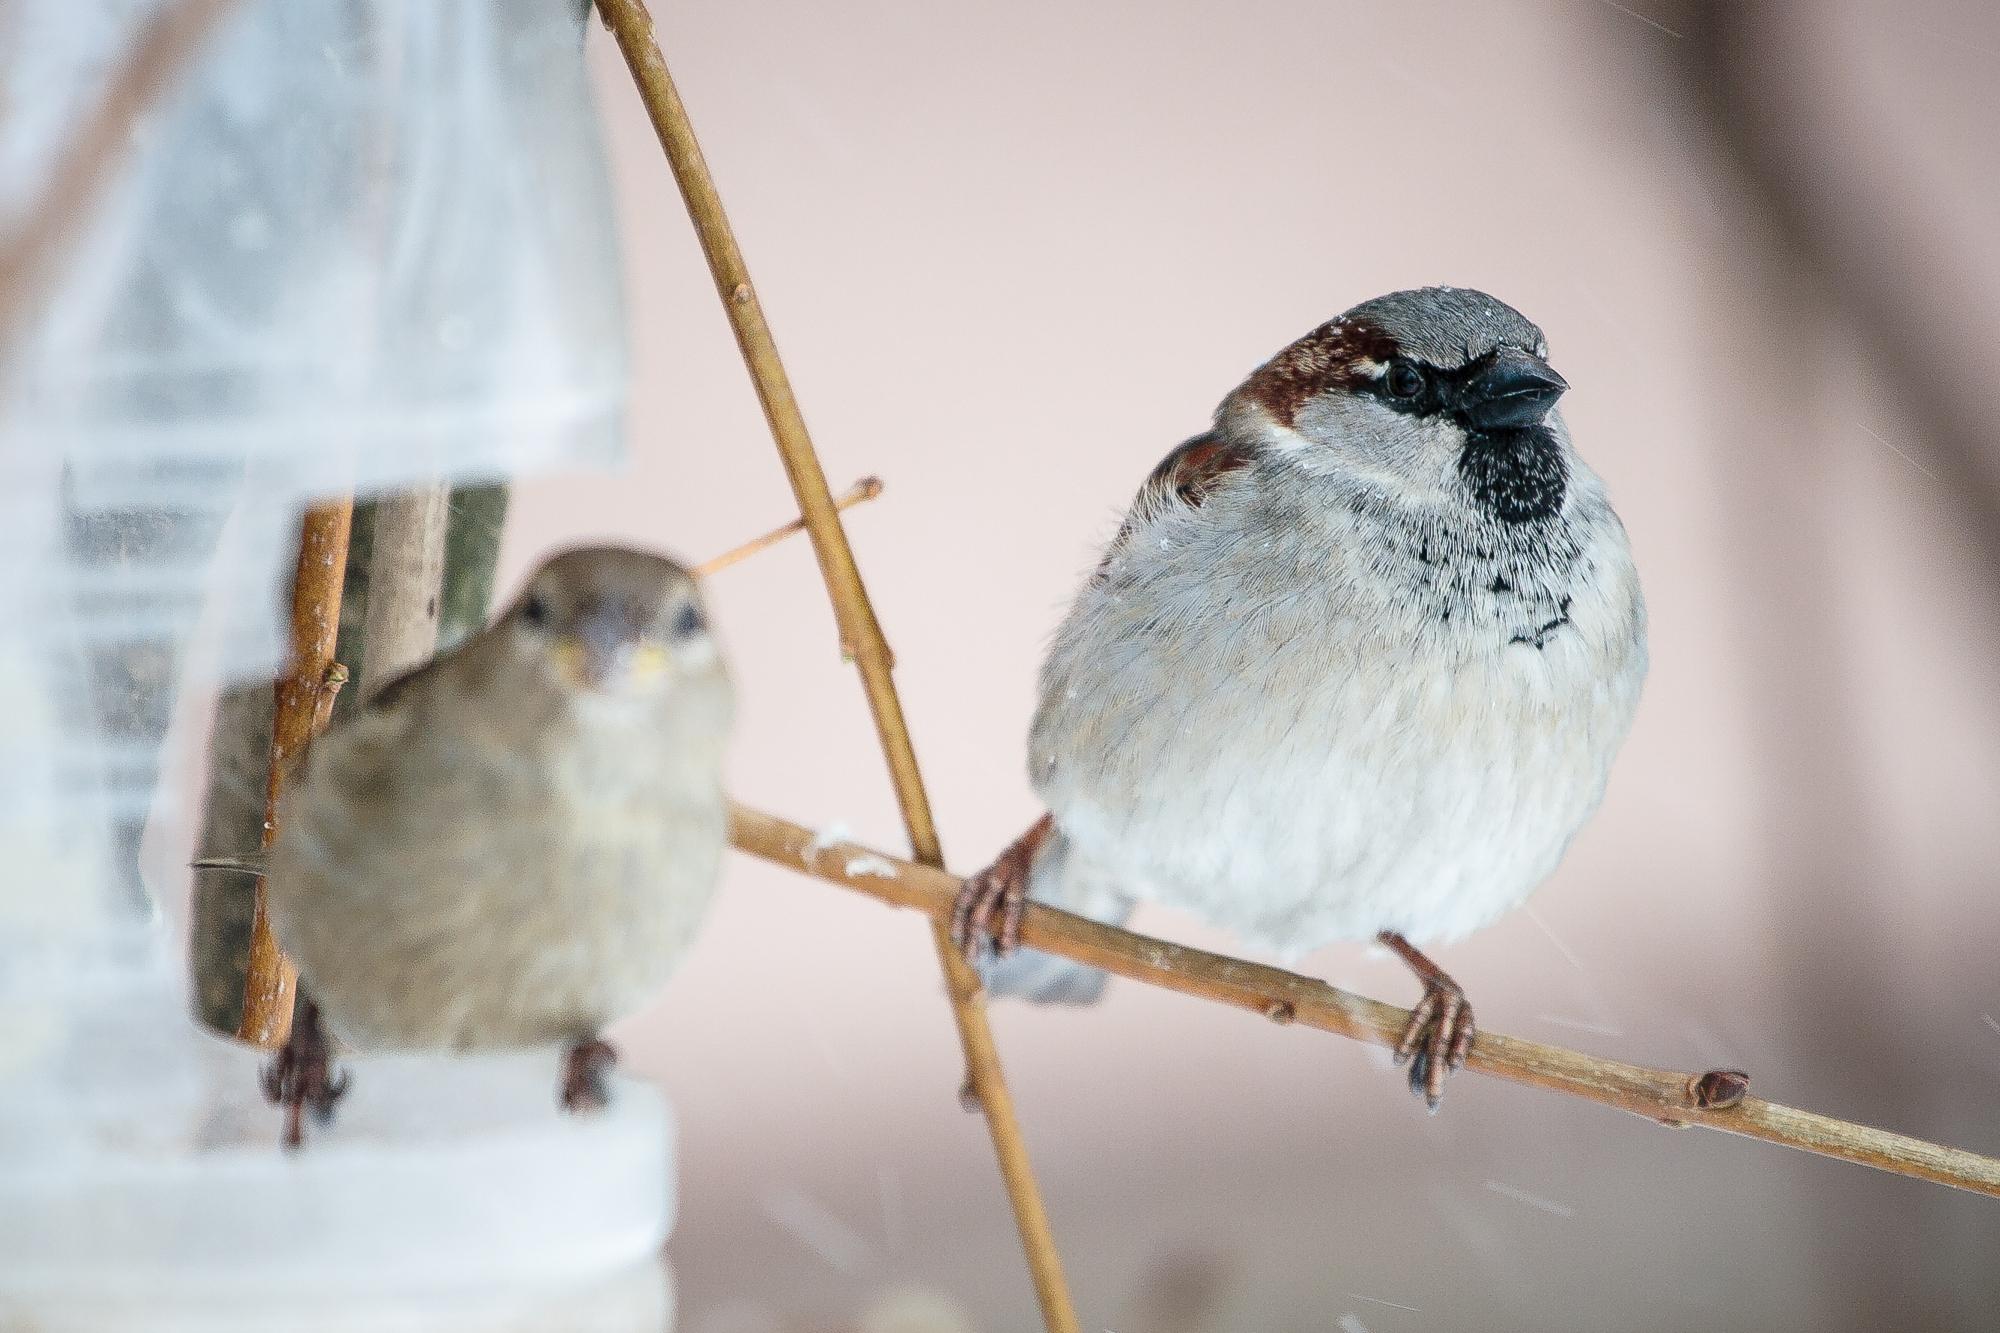 Sparrows Via @Atisgailis